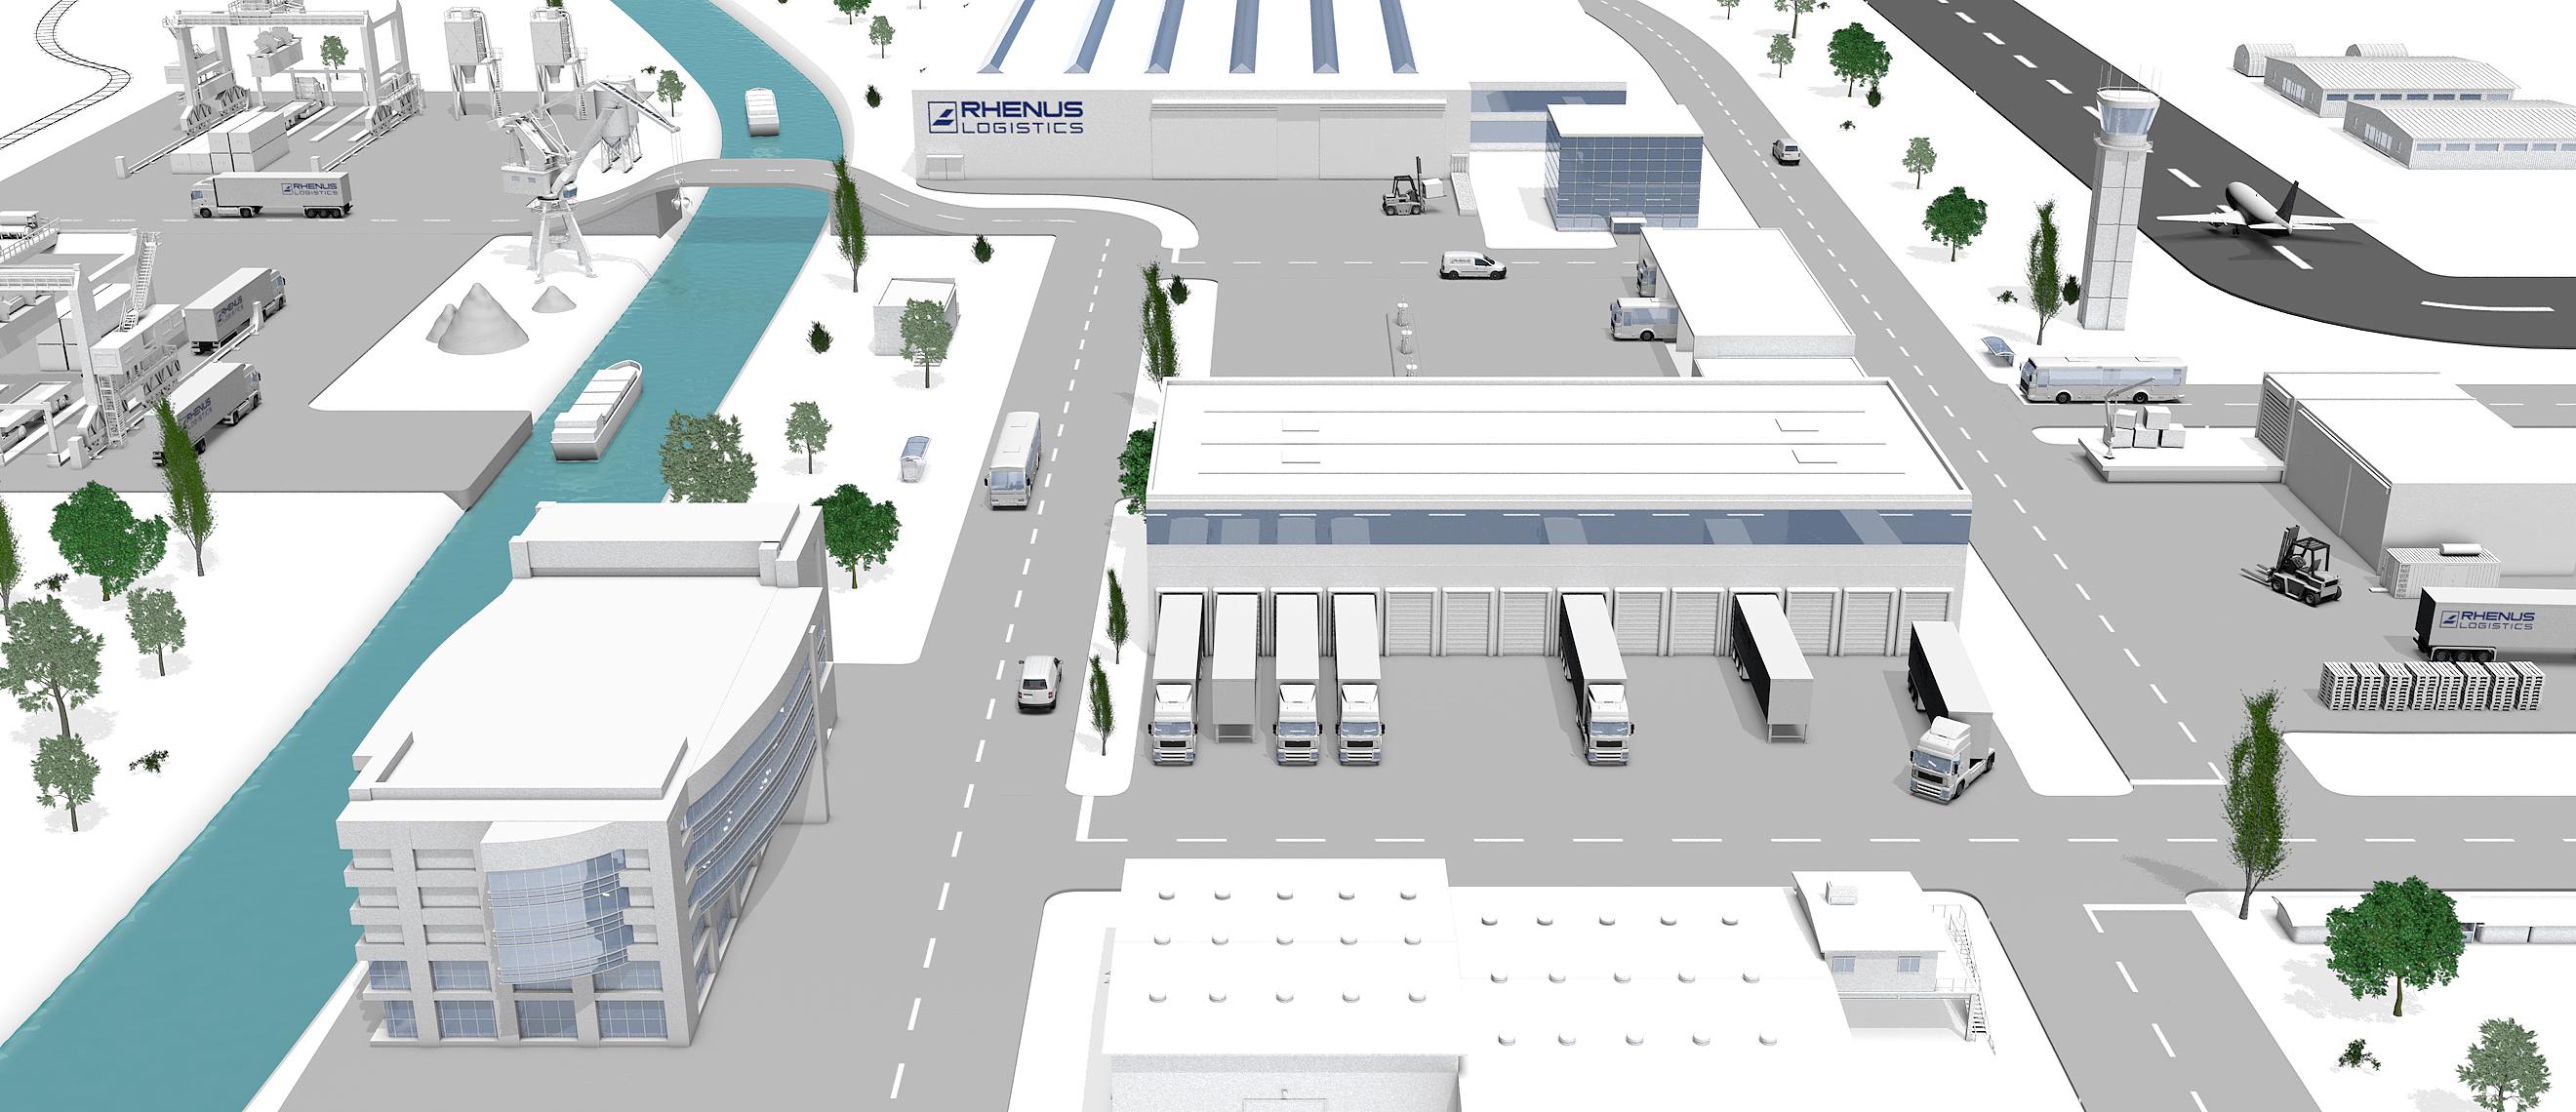 Logistics Jobboard - Rhenus Logistics